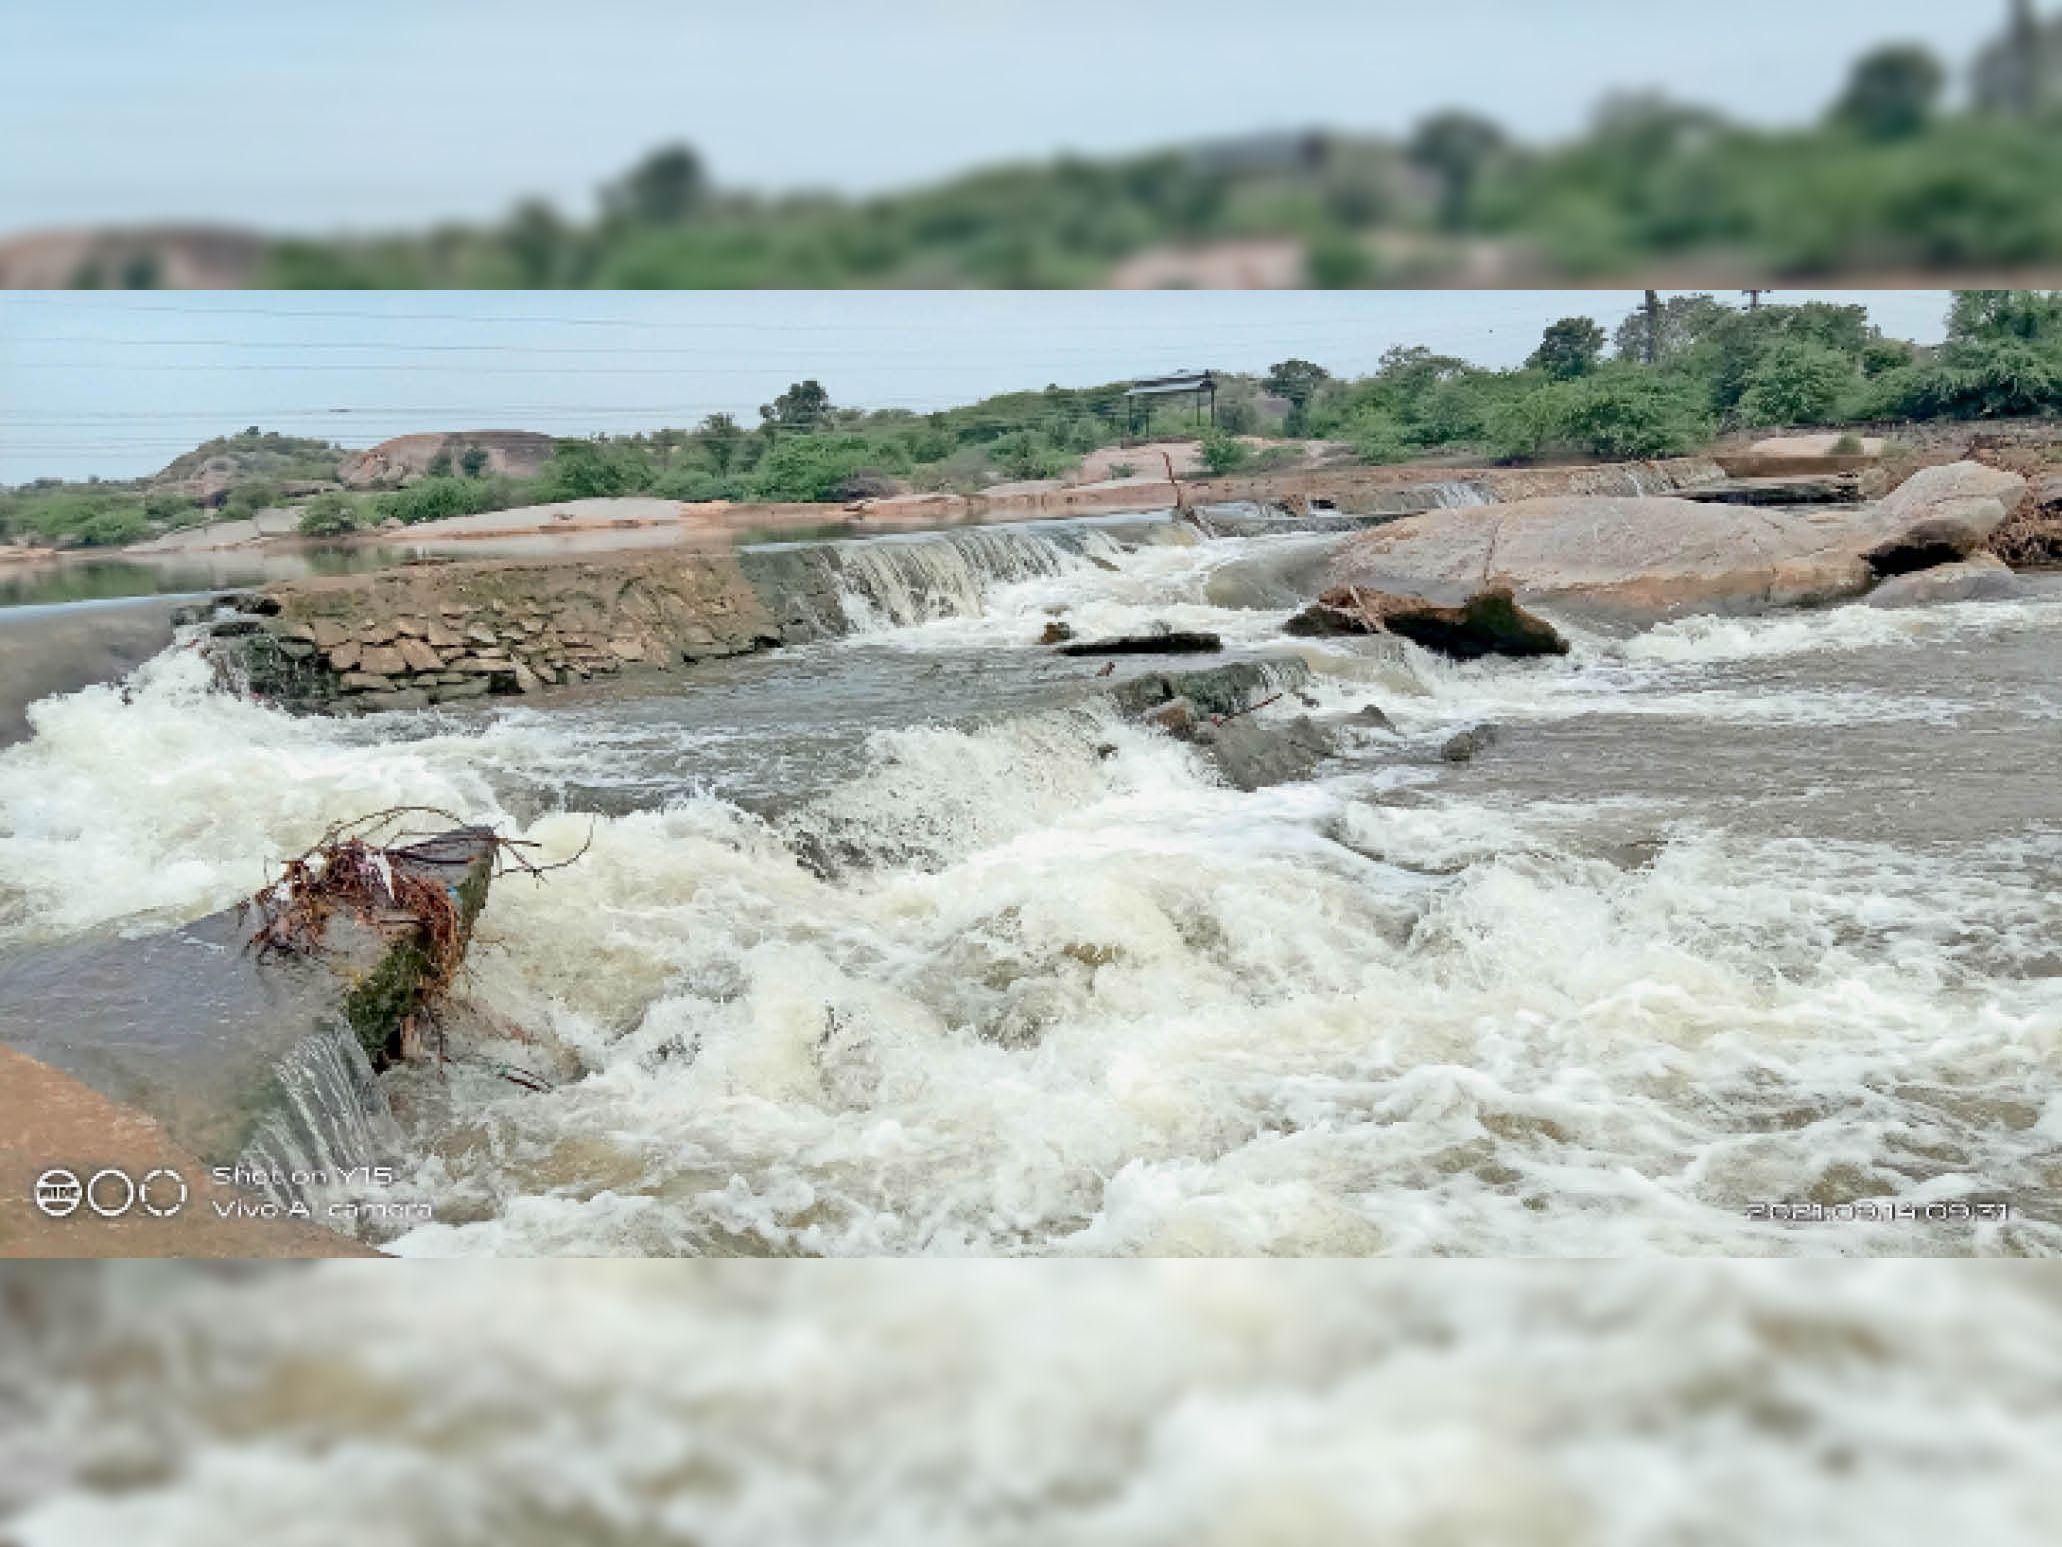 जवाई में 195.60 एमसीएफटी पानी आया, राेजाना 5.5 एमसीएफटी पानी सप्लाई हो रहा। - Dainik Bhaskar